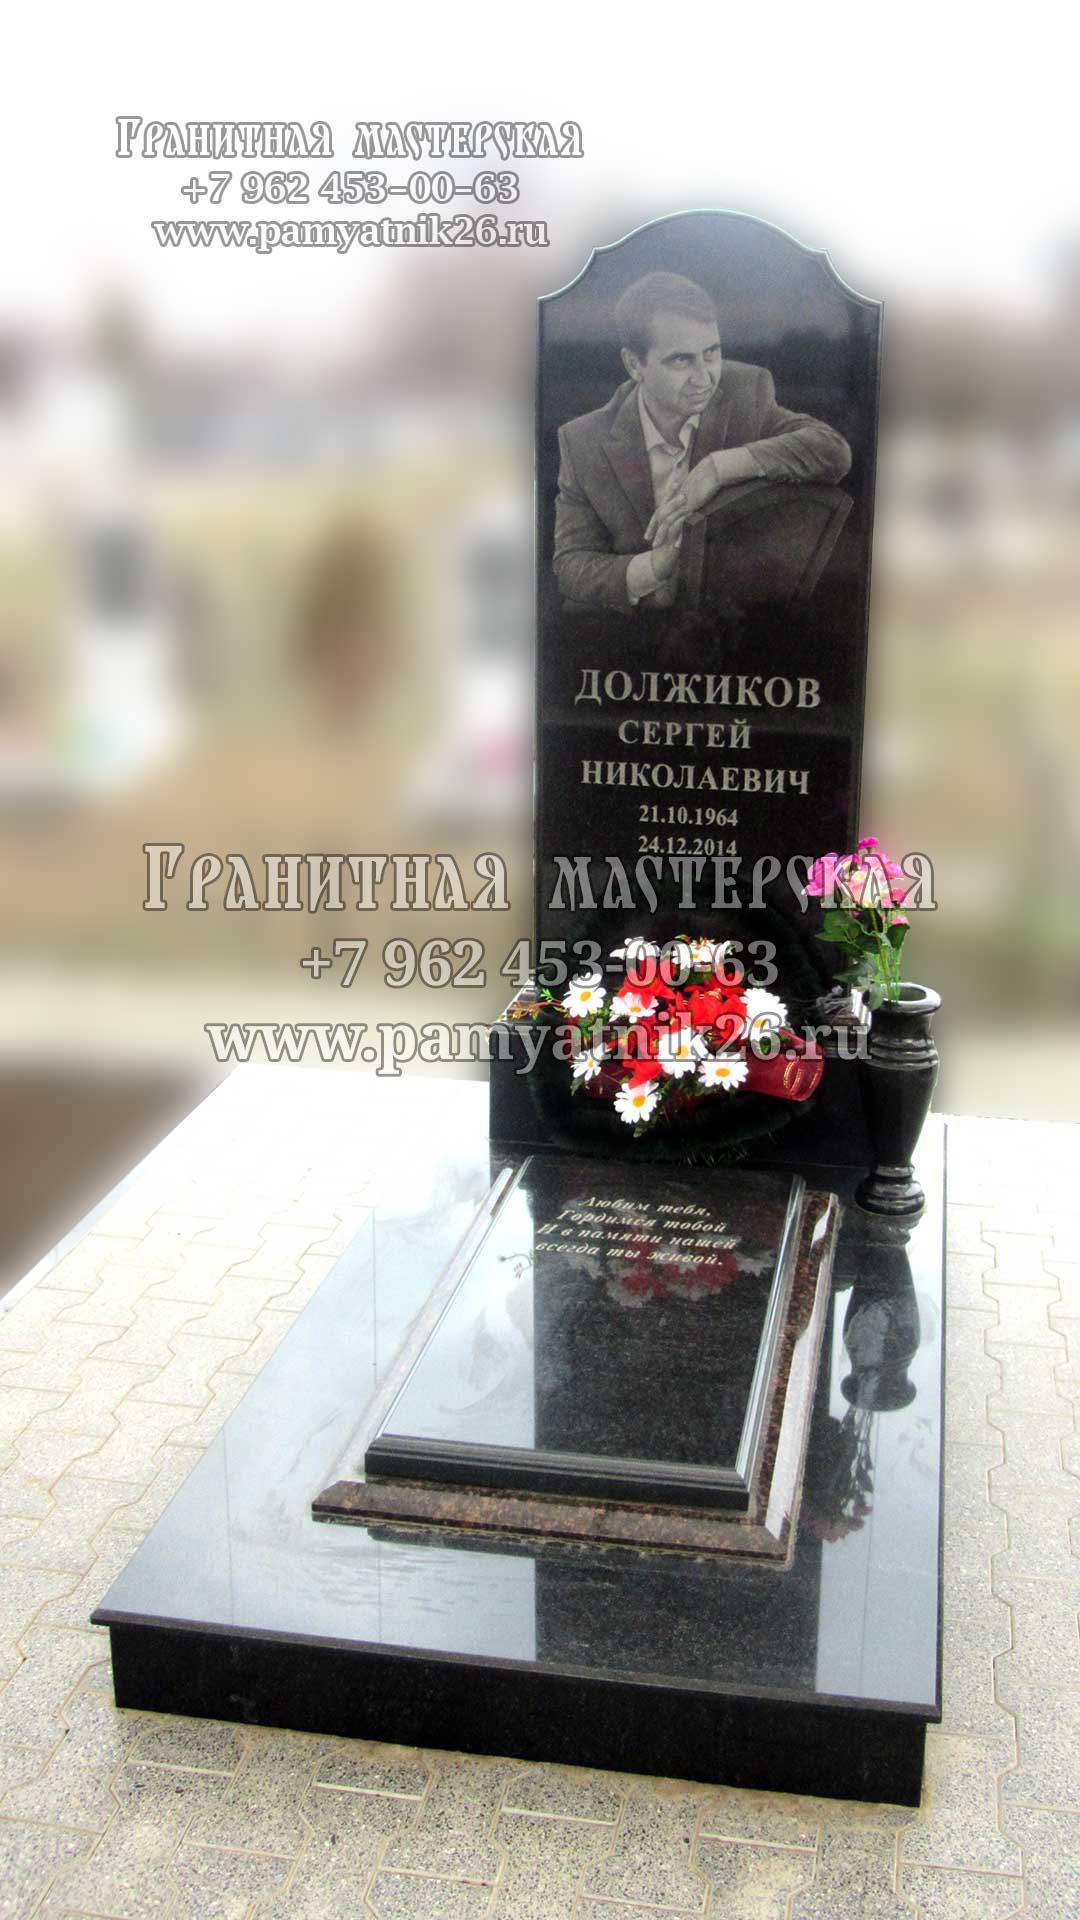 Изготовление памятников работа ставрополь памятники в туле фото луга